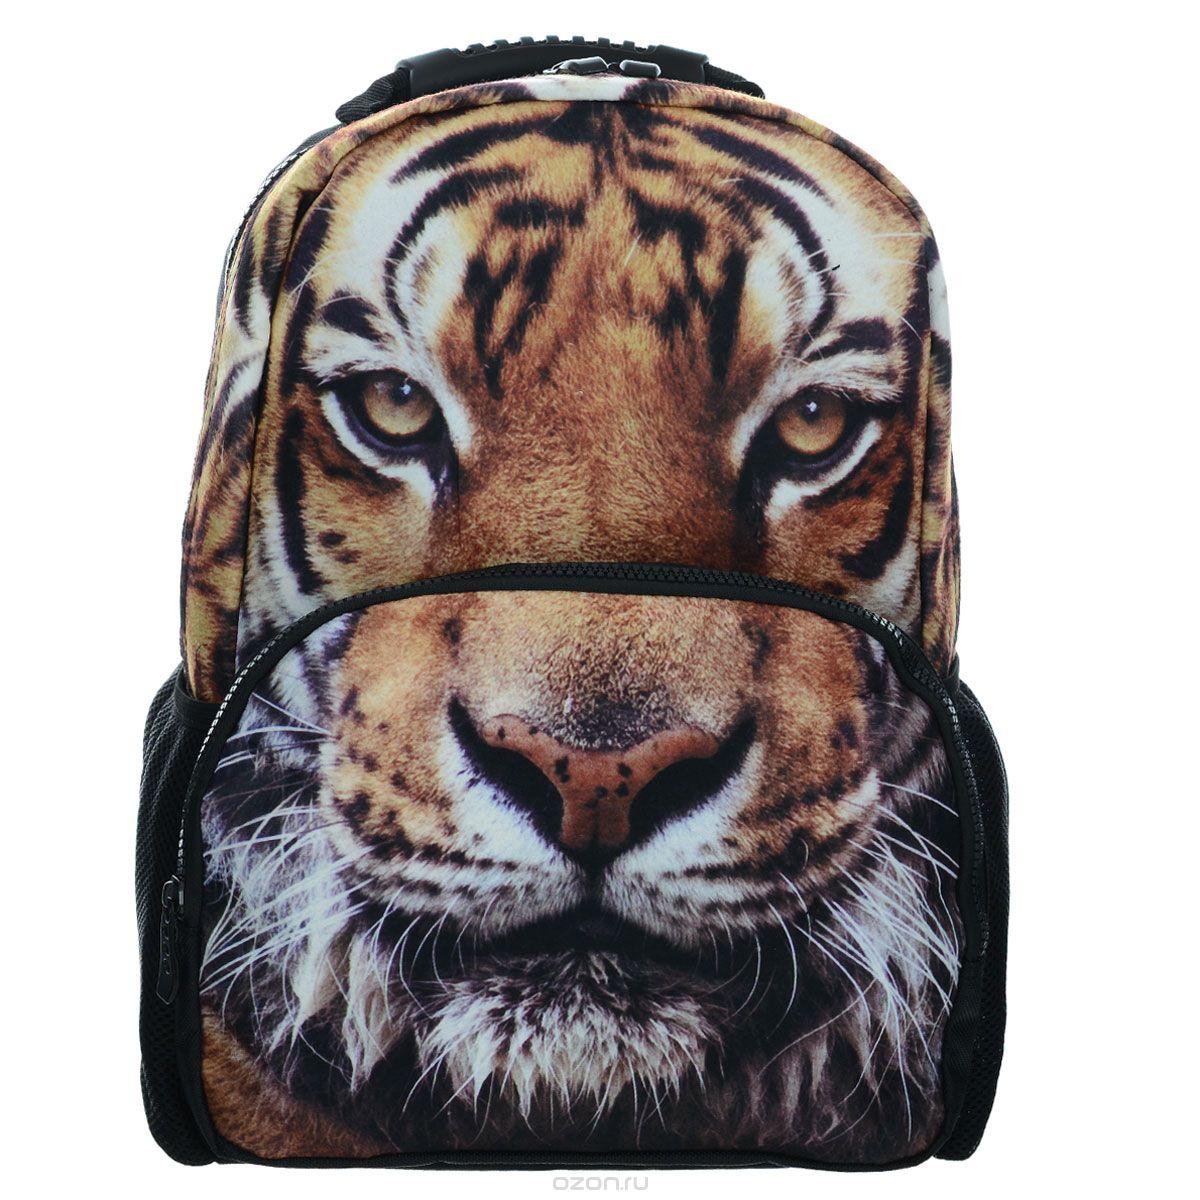 Рюкзак школьный Trend Line Tigers, цвет: черный72523WDСтильный школьный рюкзак Trend Line выполнен из полиэстера, дополнен вставкой из флиса, которая оформлена художественной печатью с изображением Tigers. Рюкзак имеет одно основное отделение, закрывающееся на застежку-молнию. Снаружи, на лицевой стороне, рюкзака размещен накладной карман на молнии, внутри которого предусмотрен еще один накладной карман на липучке. С двух сторон изделия расположены два накладных сетчатых кармашка. В верхней части изделия предусмотрена эргономичная ручка для переноски, а также предусмотрены регулируемые лямки. Такой рюкзак станет незаменимым спутником вашего ребенка в походах за знаниями.